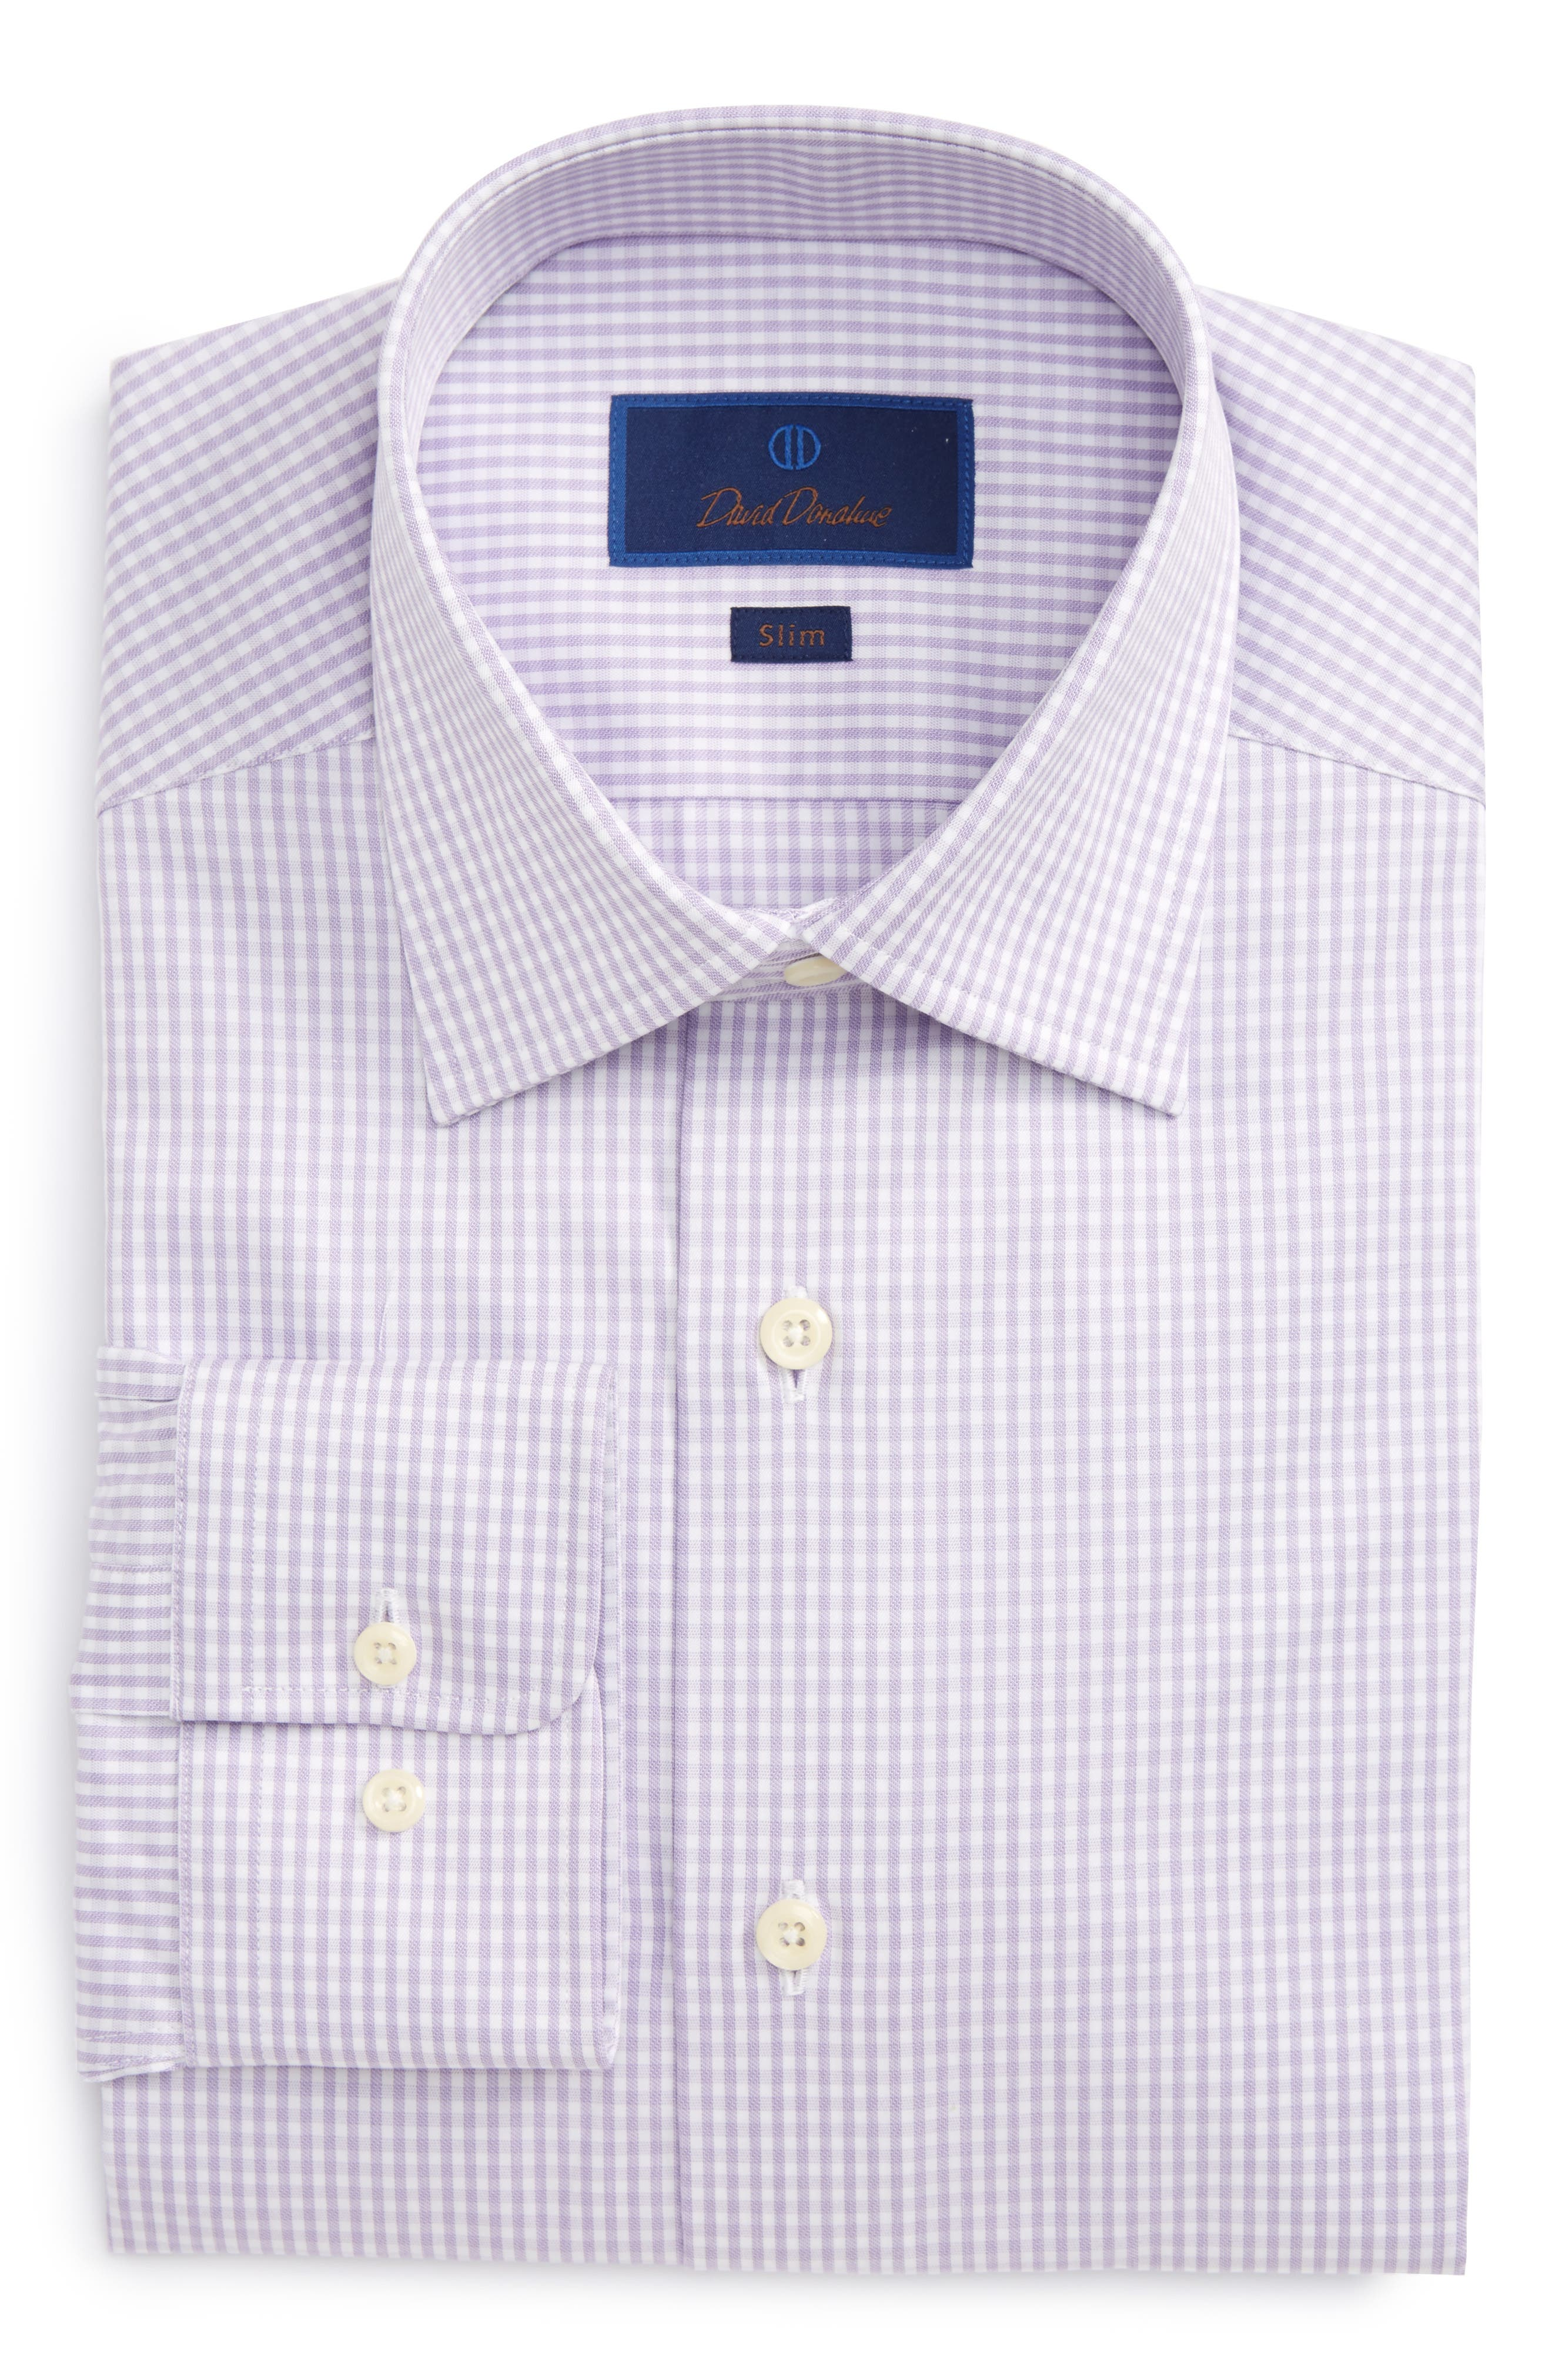 Slim Fit Check Dress Shirt,                             Main thumbnail 1, color,                             534